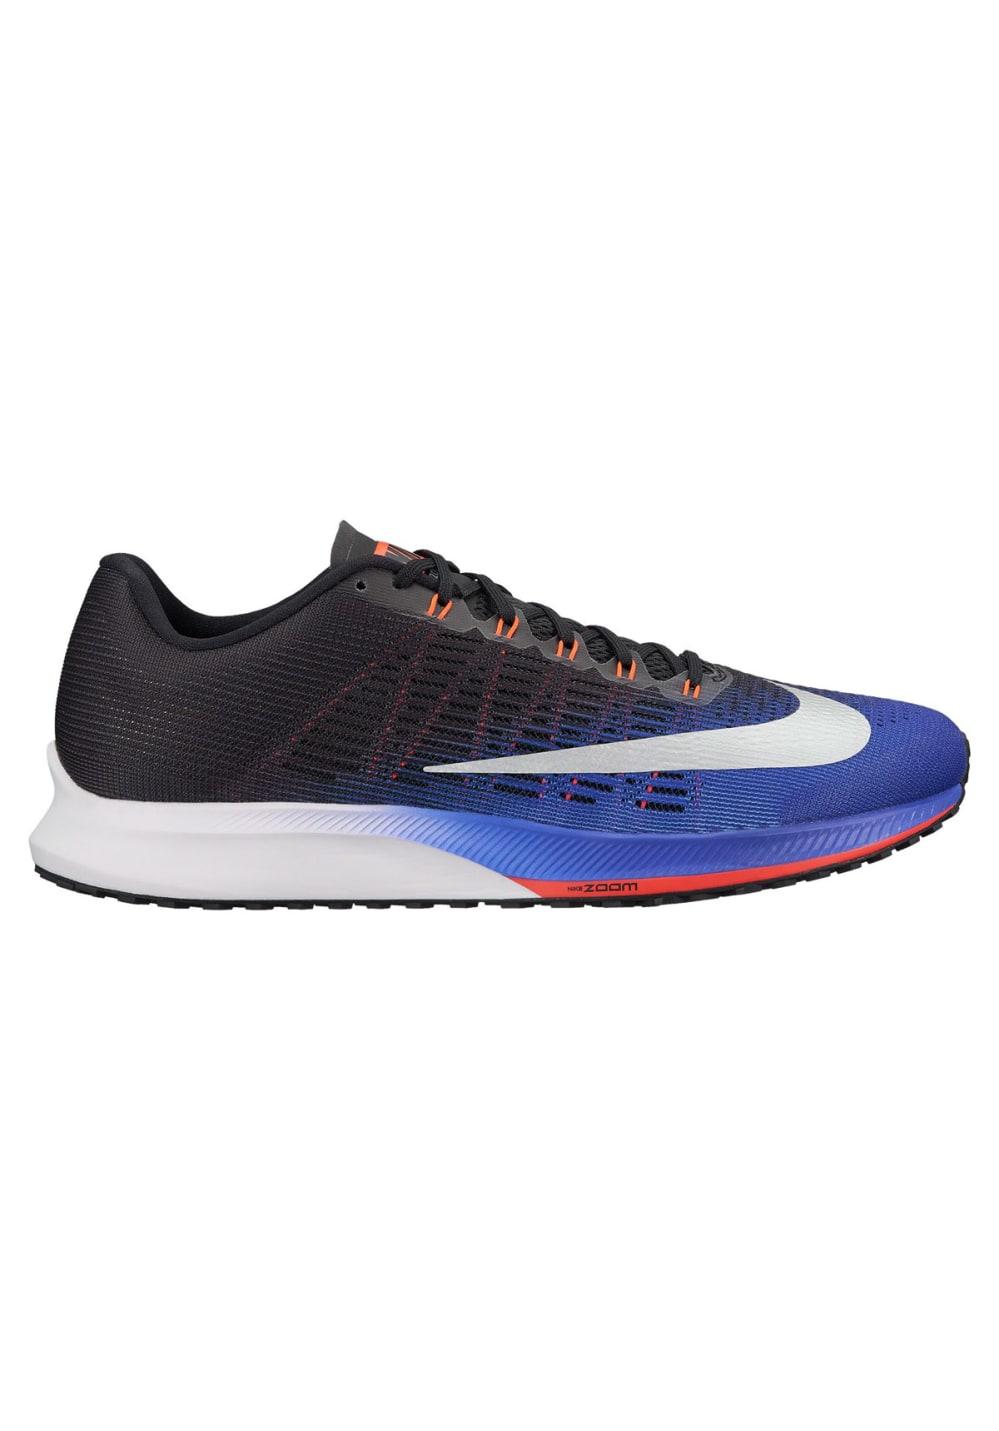 Nike Air Zoom Elite 9 Laufschuhe für Herren Blau